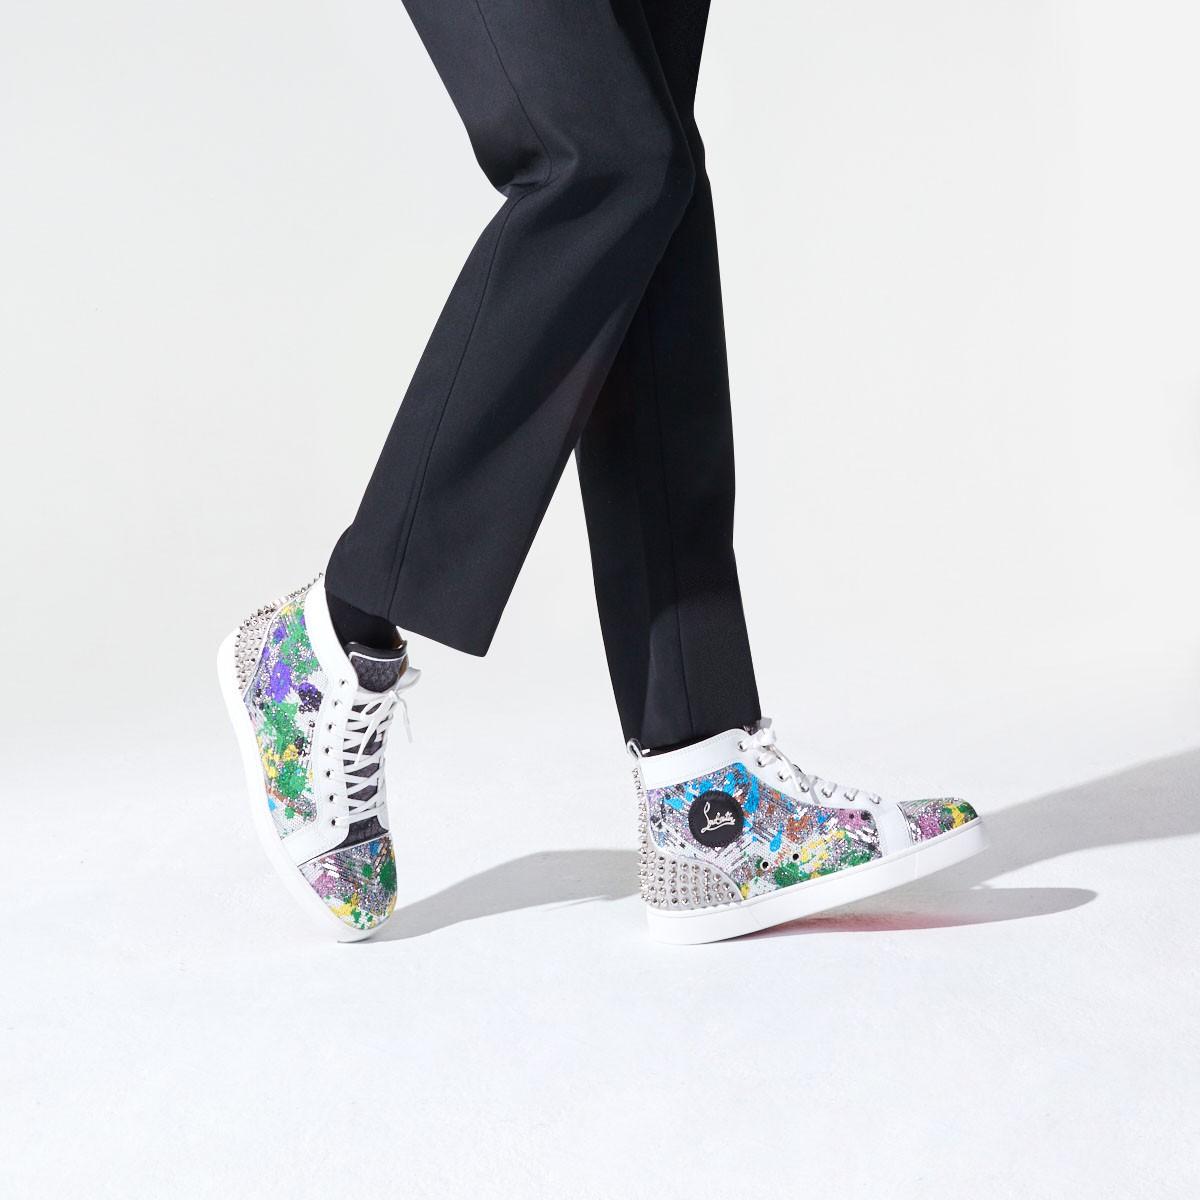 Shoes - Lou Spikes III - Christian Louboutin